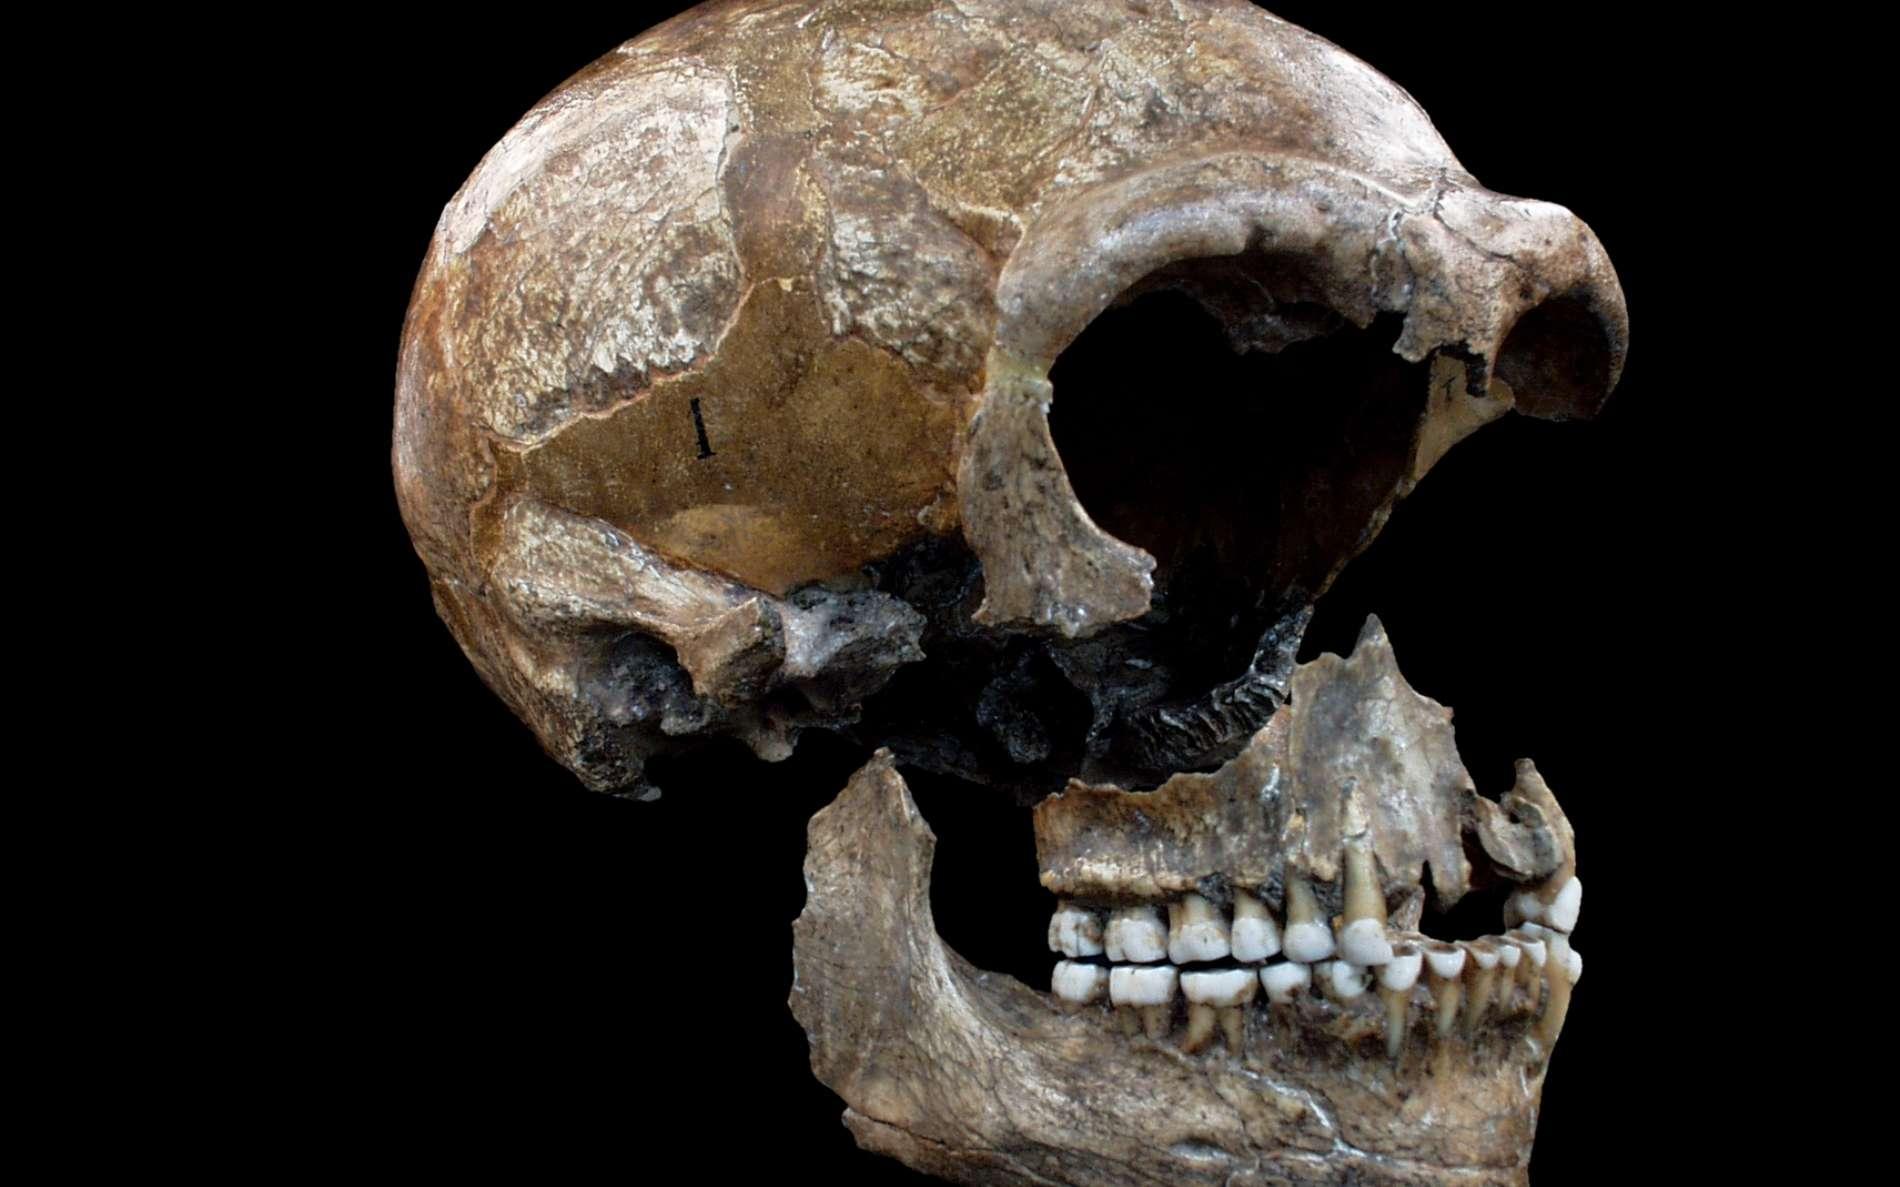 L'homme de Néandertal aurait vécu en Europe et en Asie de -120.000 à -30.000 ans avant notre ère. Sa taille moyenne devait être comprise entre 1,55 et 1,65 mètre. Il fabriquait des outils et maîtrisait le feux. On voit ici un crâne faisant partie des trois squelettes fossiles partiels appartenant à l'espèce Homo neanderthalensis découverts dans la grotte de Spy dans la province de Namur, en Belgique. Les deux premiers squelettes, mis au jour en 1886, constituèrent la deuxième découverte officielle de fossiles néandertaliens après celle de la vallée de Néander, en Allemagne. L'Homme de Spy, comme on l'appelle parfois, avait un régime carné et végétarien. © Patrick Semal, Institut des Sciences naturelles de Belgique.